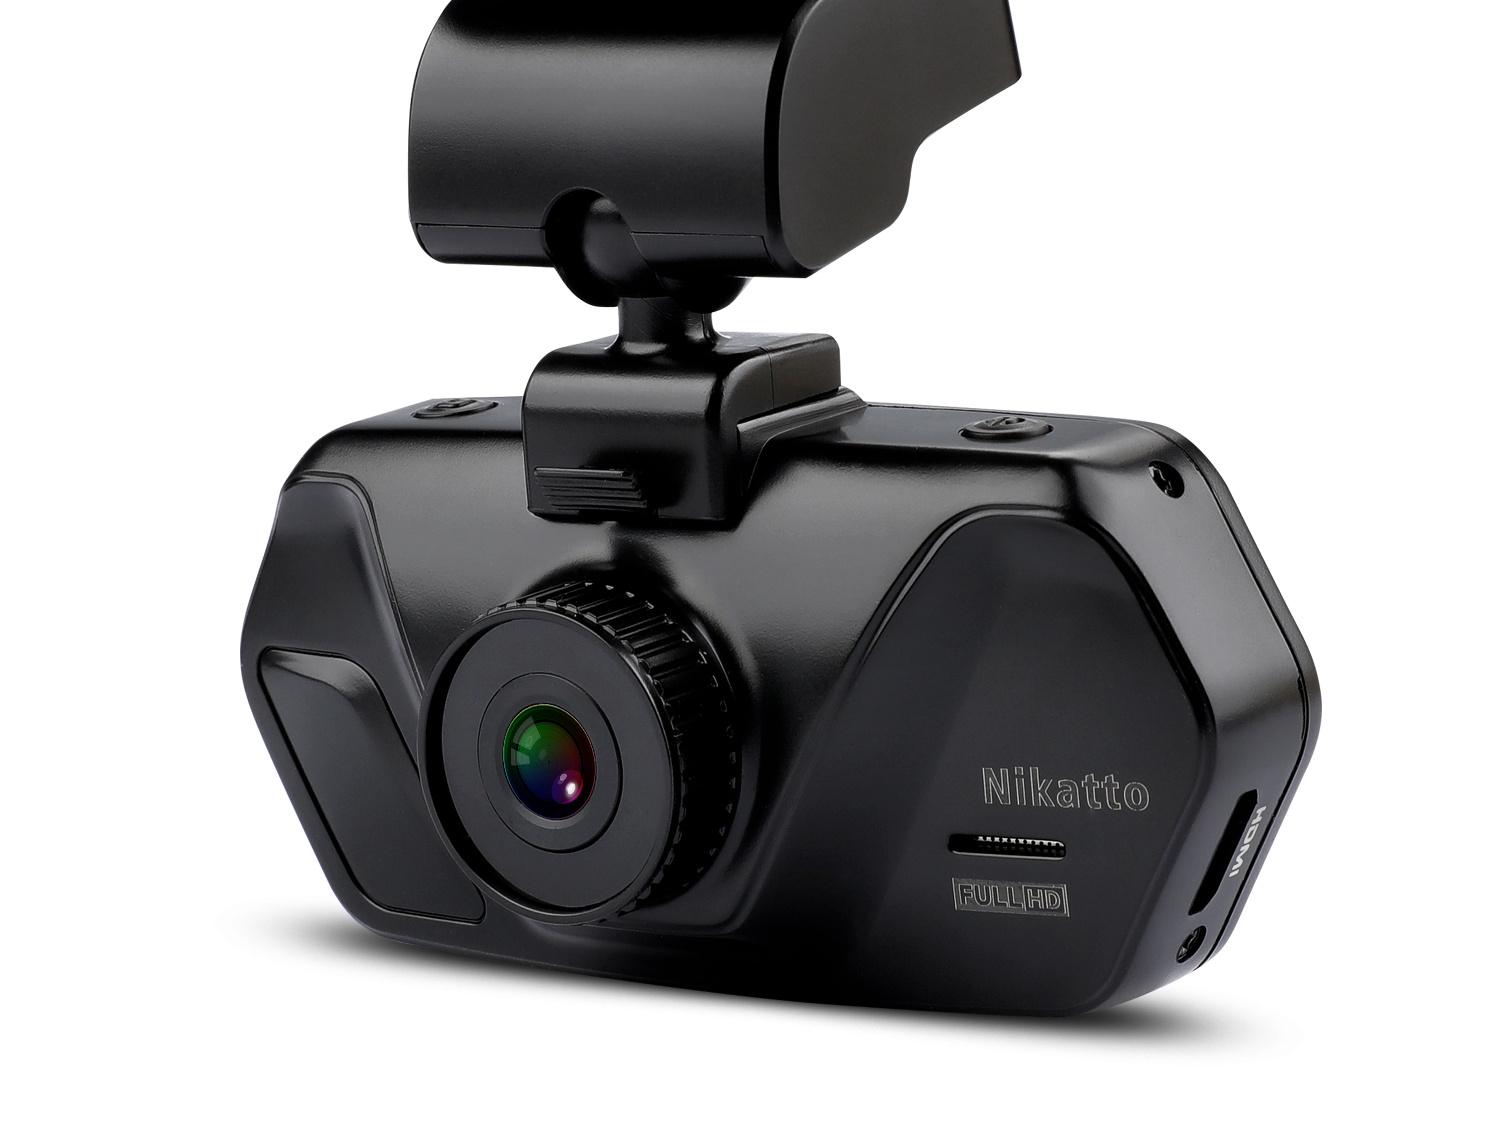 行车记录仪拍摄设计 产品拍摄修图 电商产品白底主图 记录仪主图精修